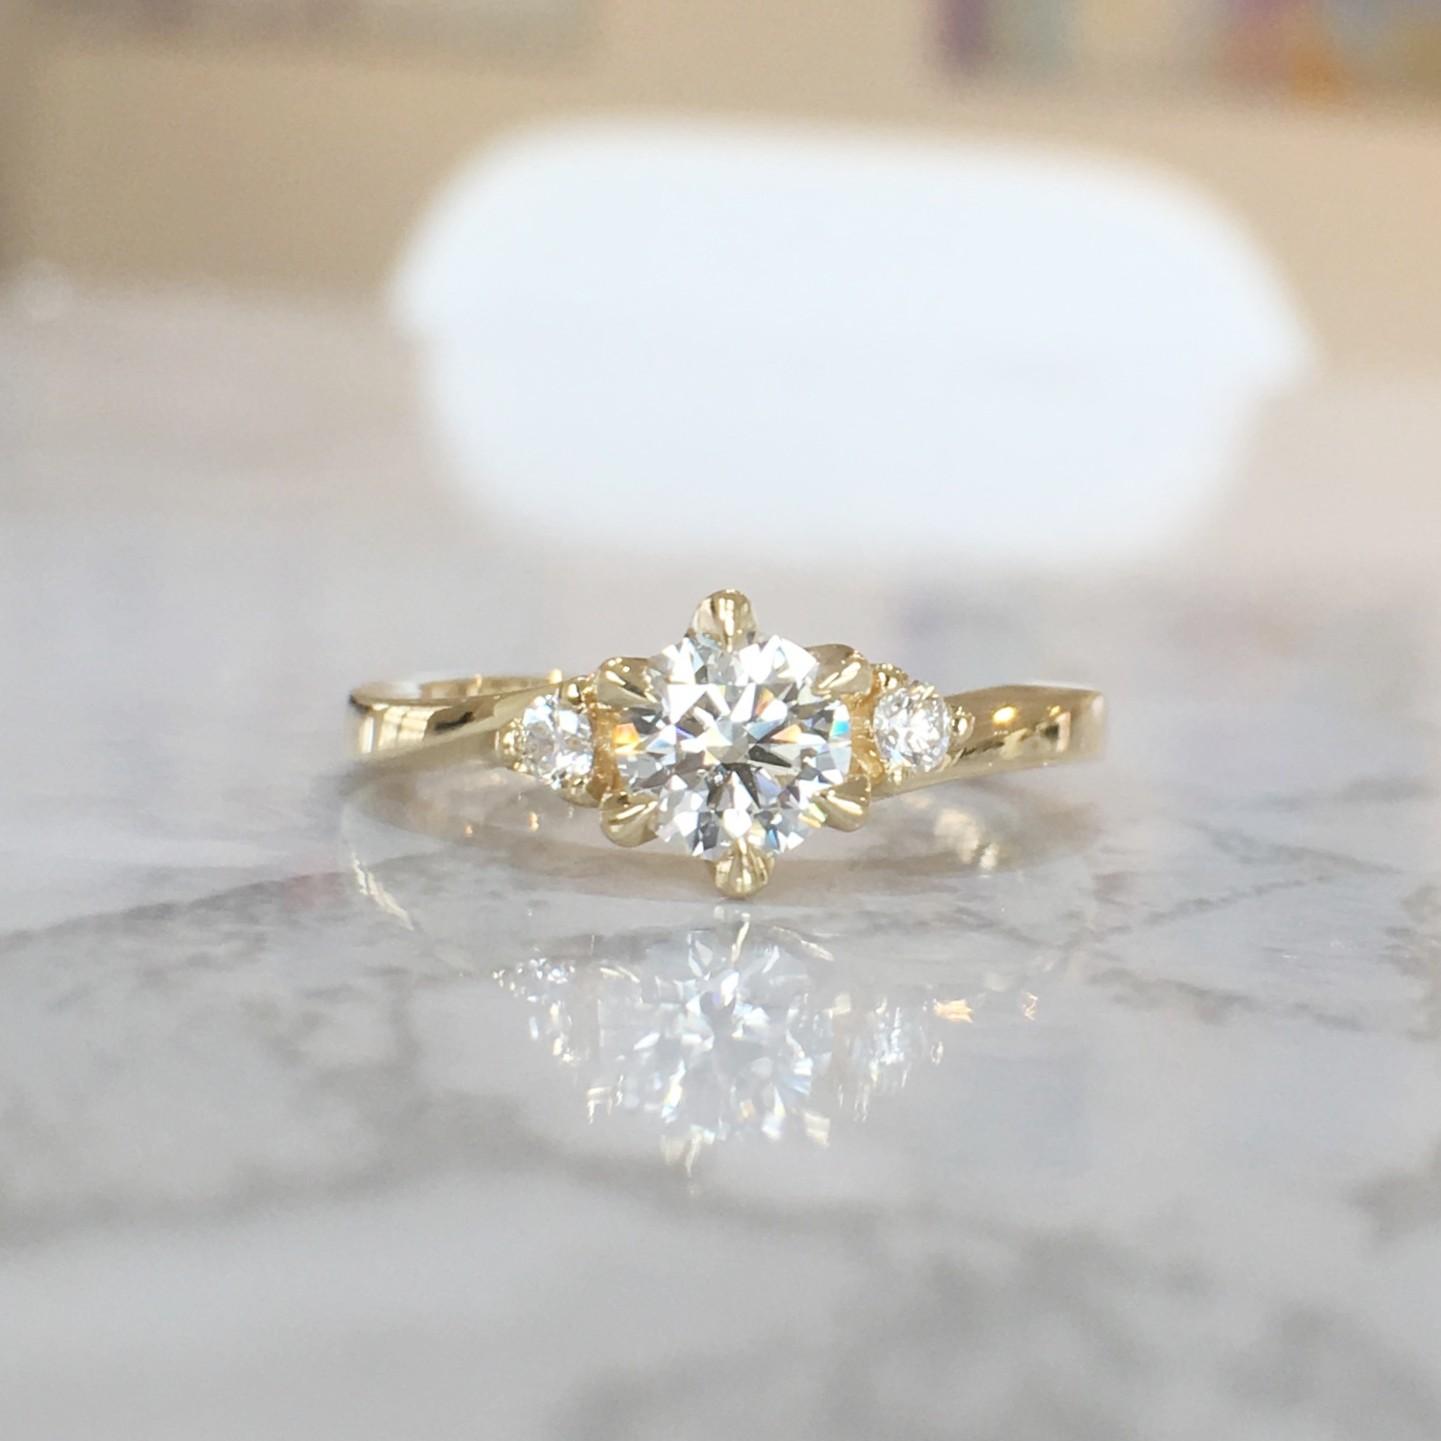 オーダーメイドの婚約指輪 エンゲージリング